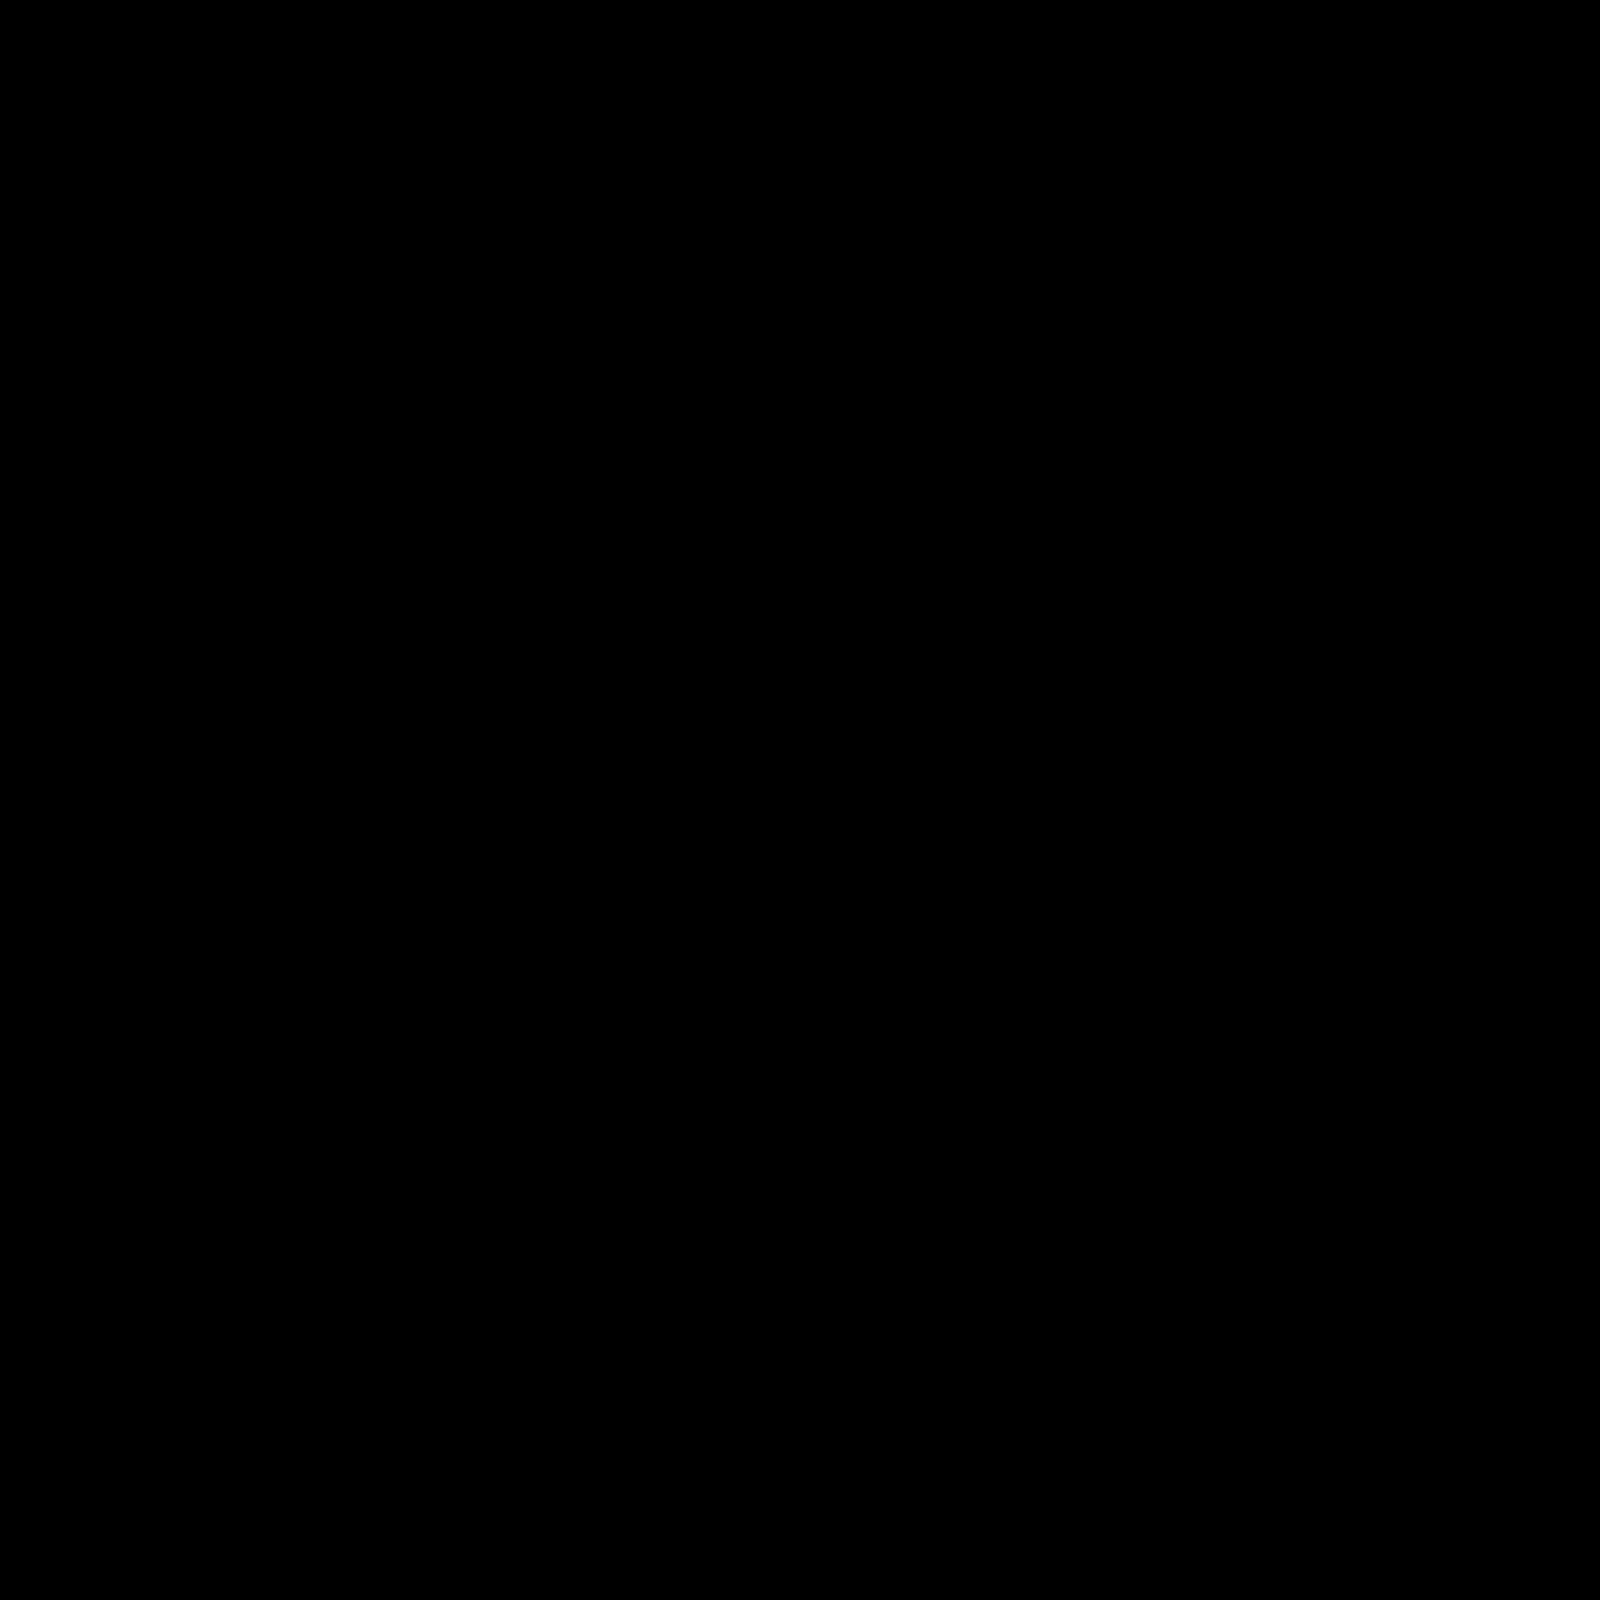 9 C icon